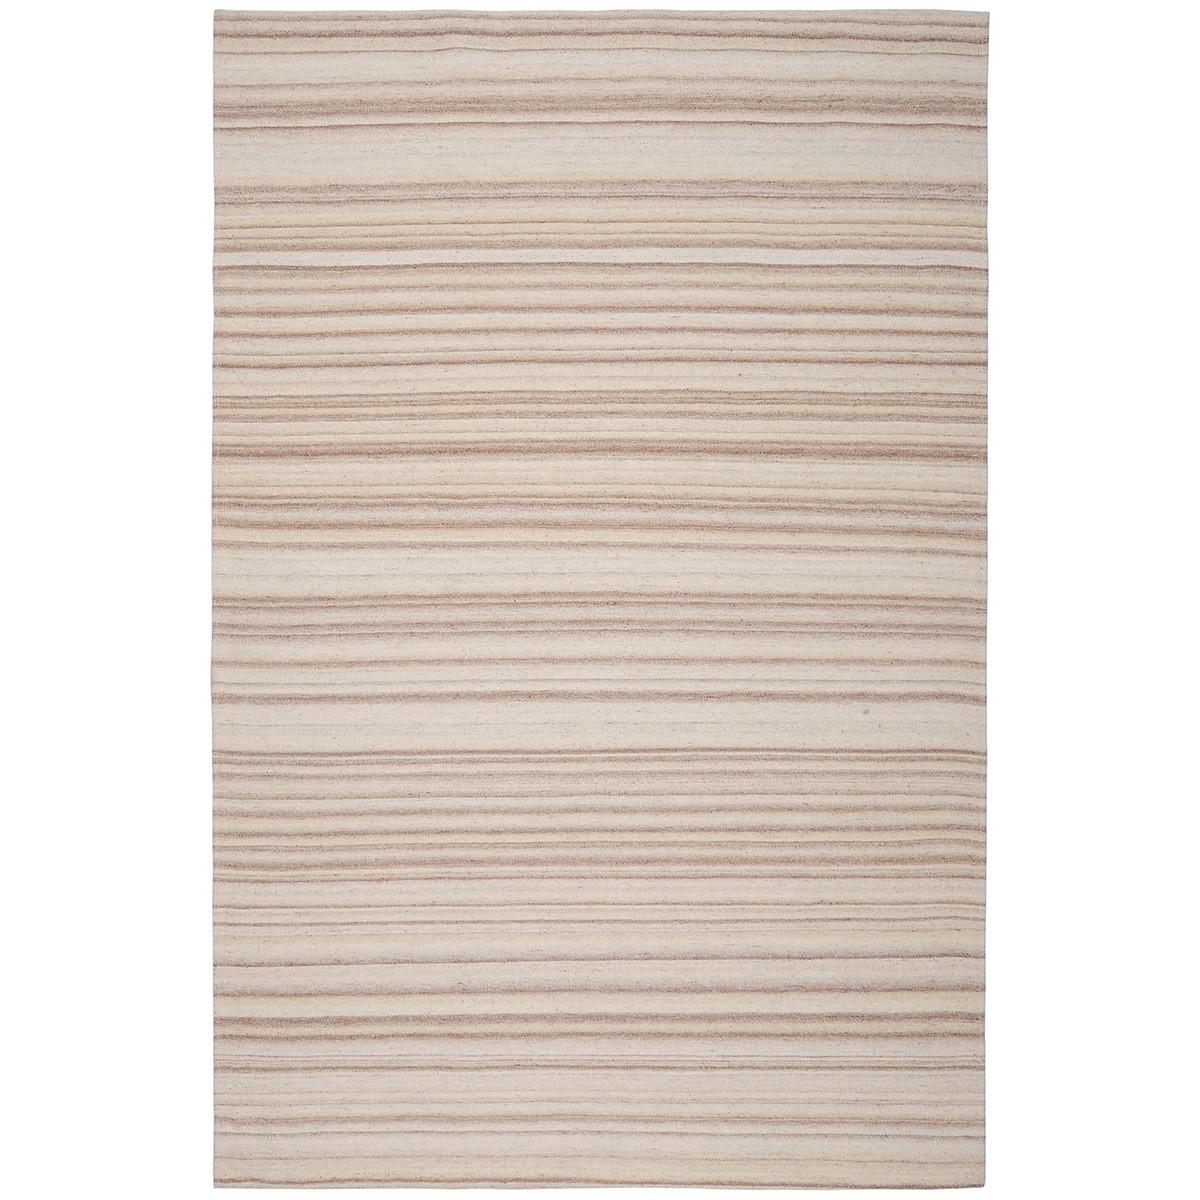 Marble Modern Wool Rug, 230x160cm, Sandstone